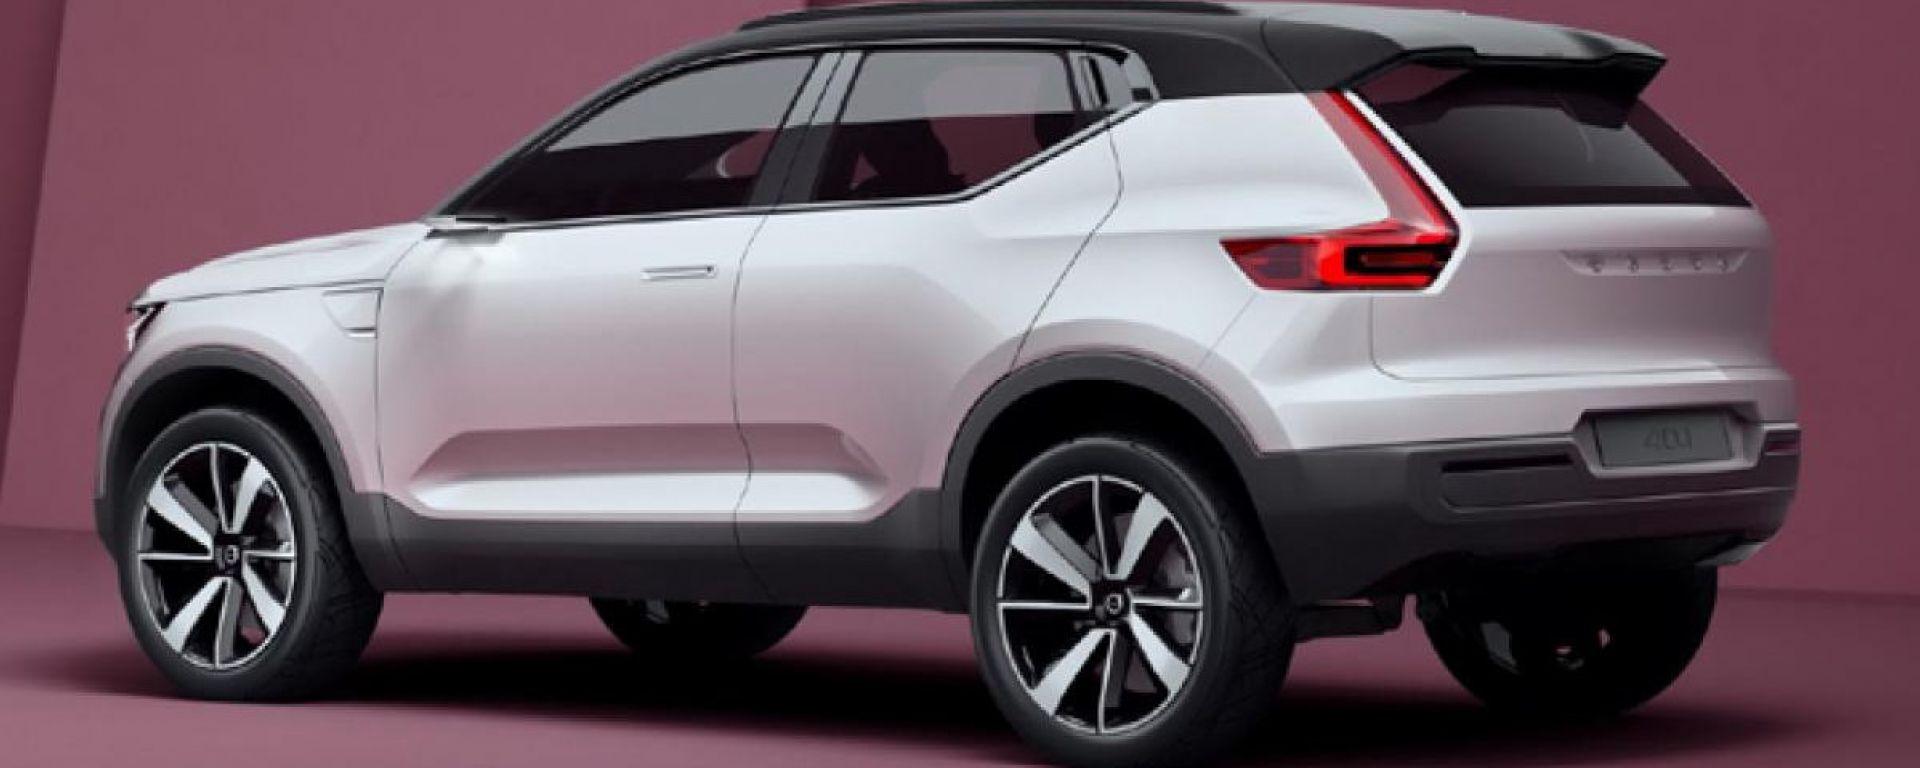 Volvo XC20, quale aspetto?